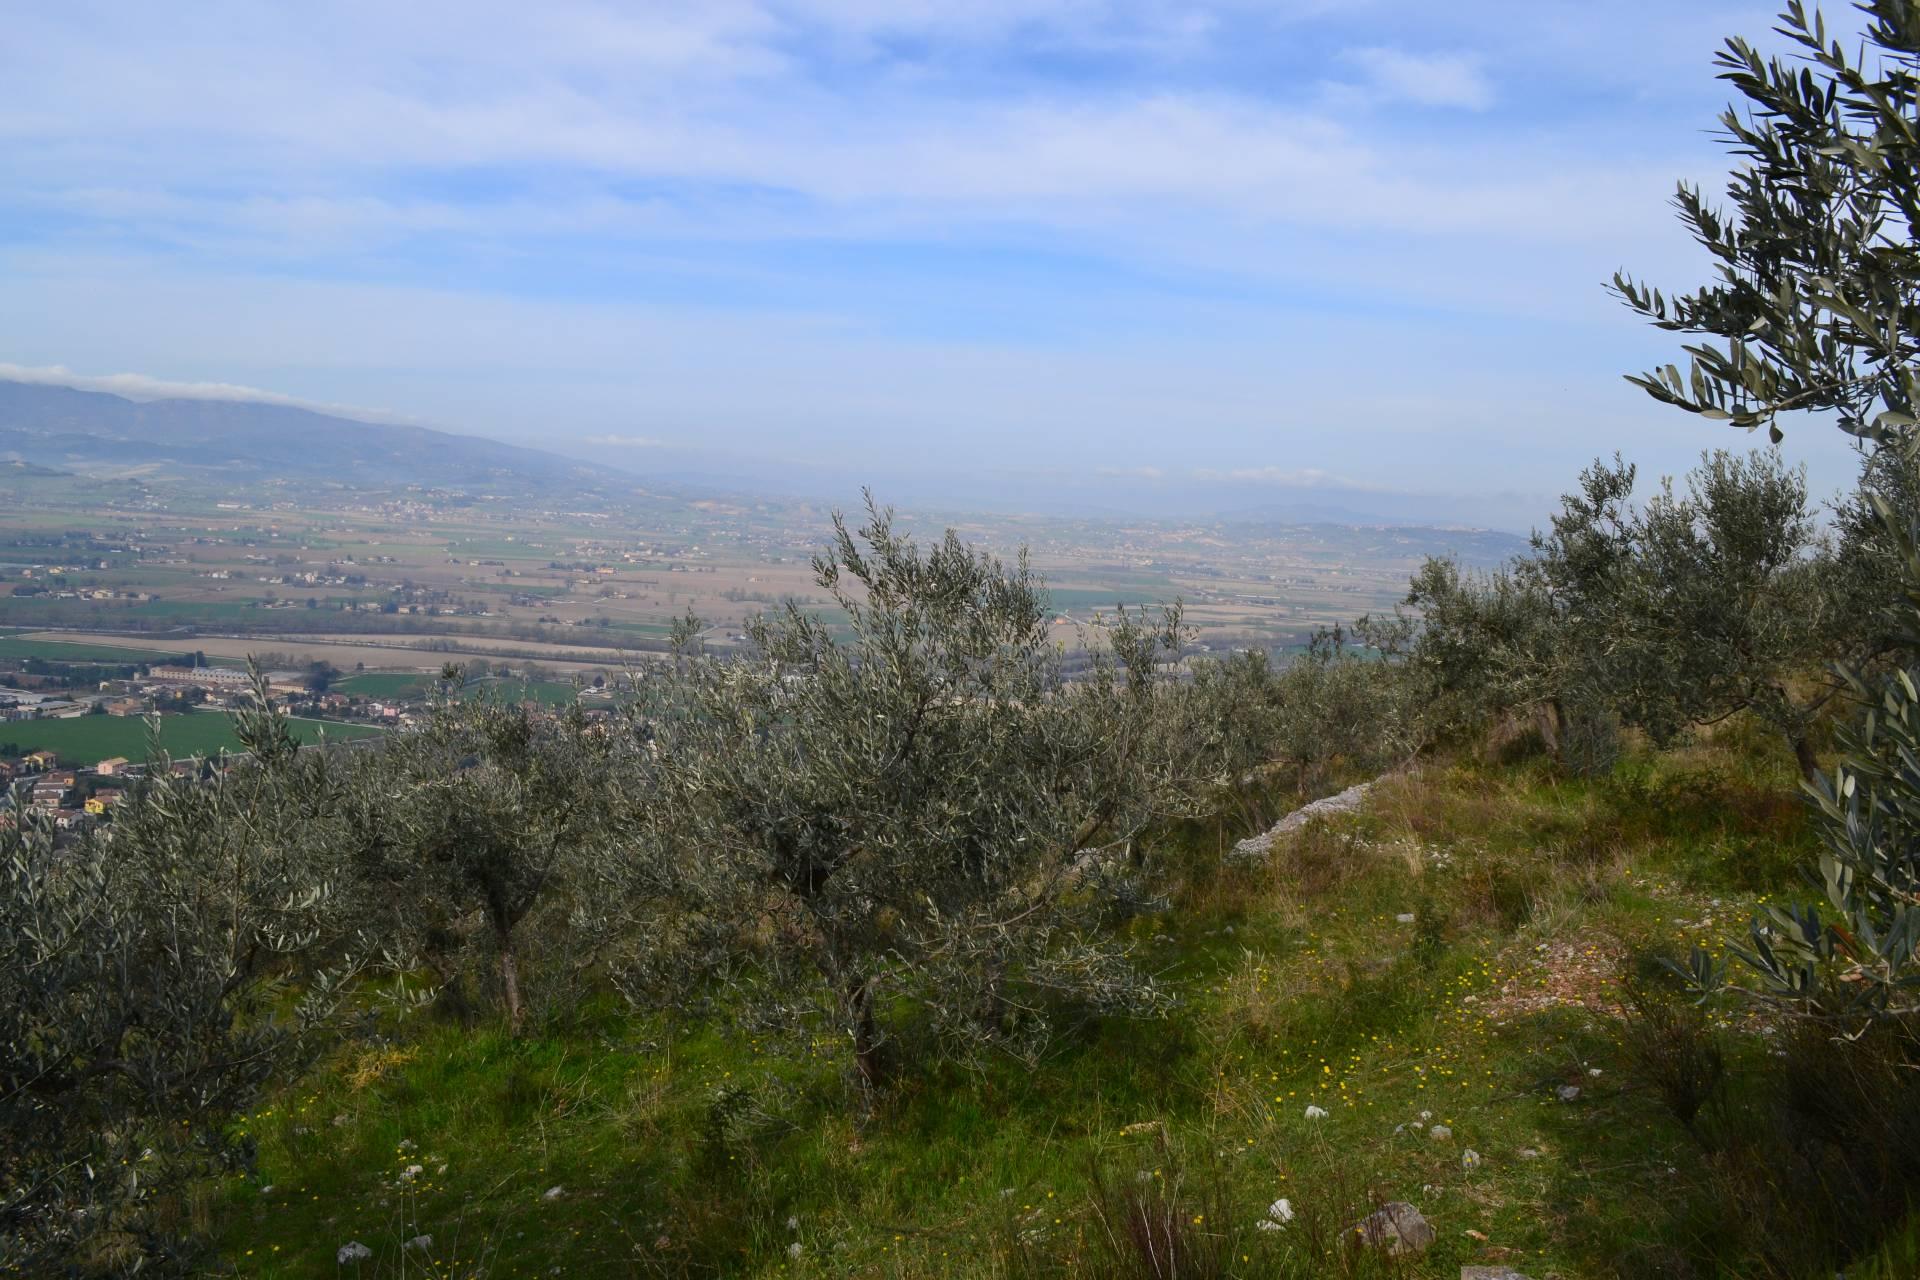 Terreno Agricolo in vendita a Campello sul Clitunno, 9999 locali, zona Zona: Castello, prezzo € 35.000 | CambioCasa.it